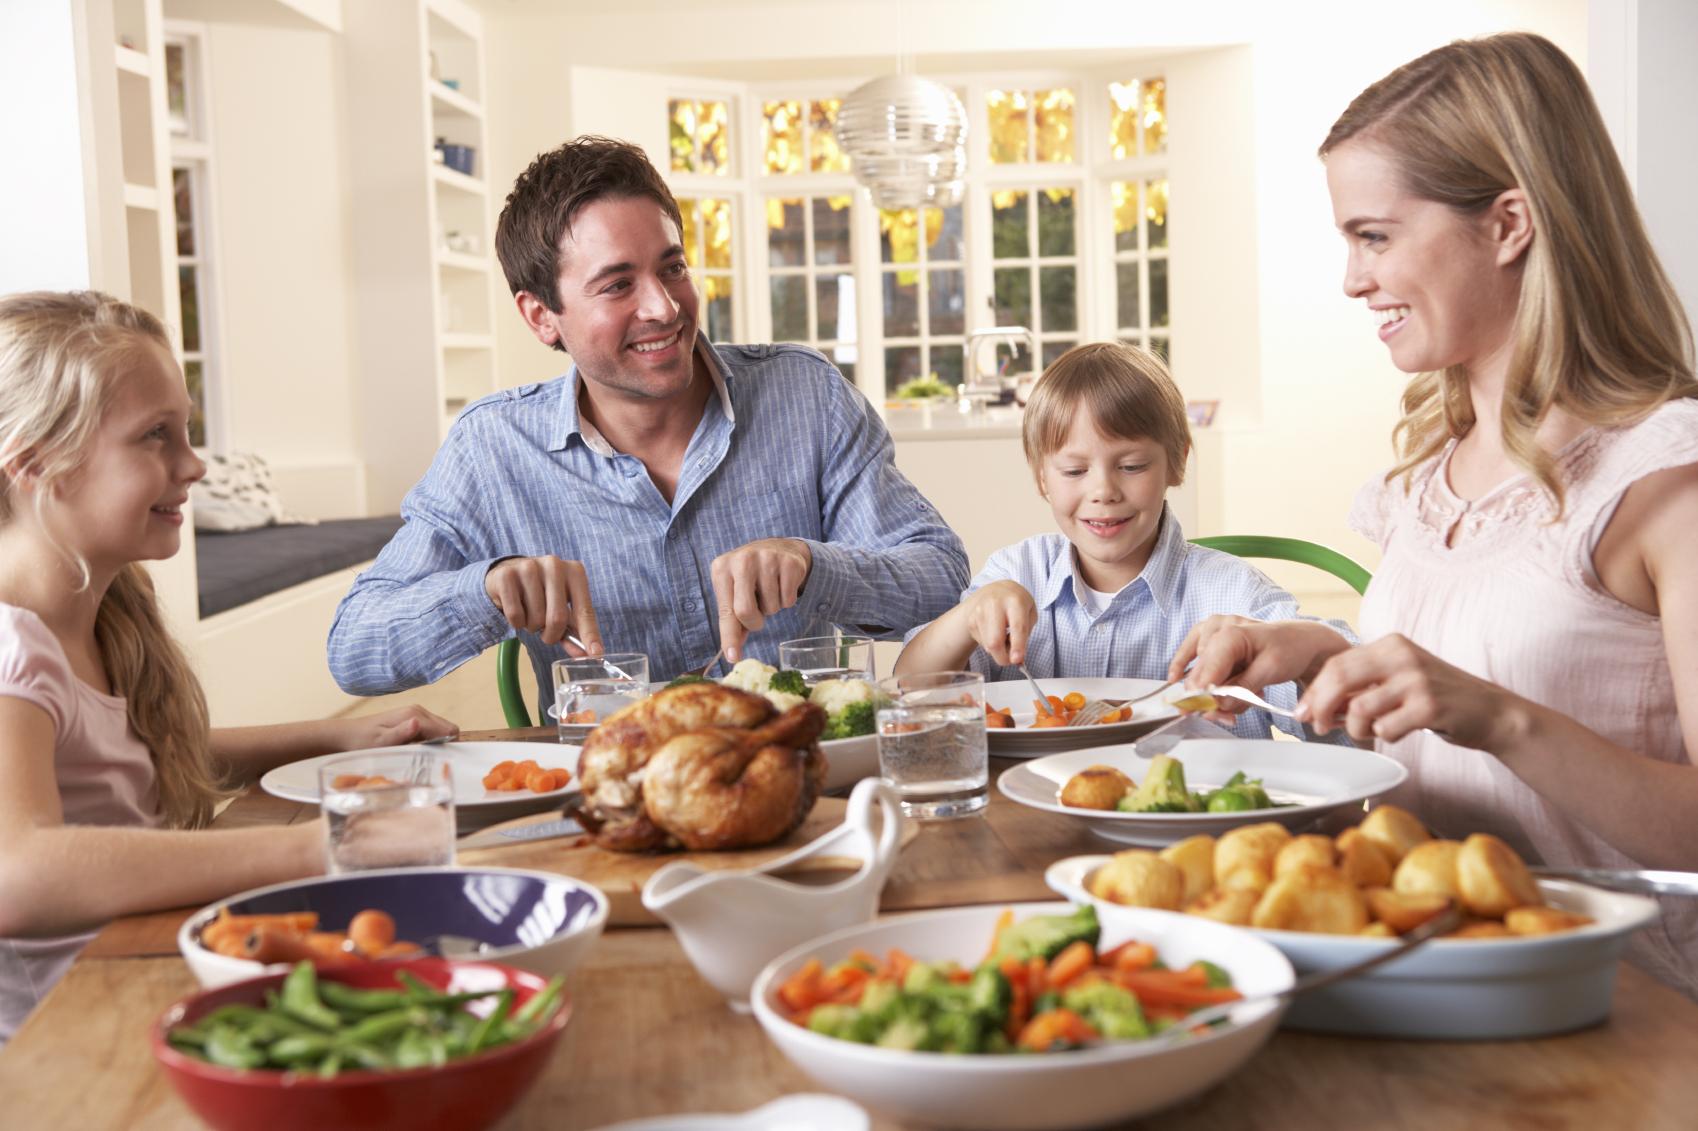 familymealplanning.jpg